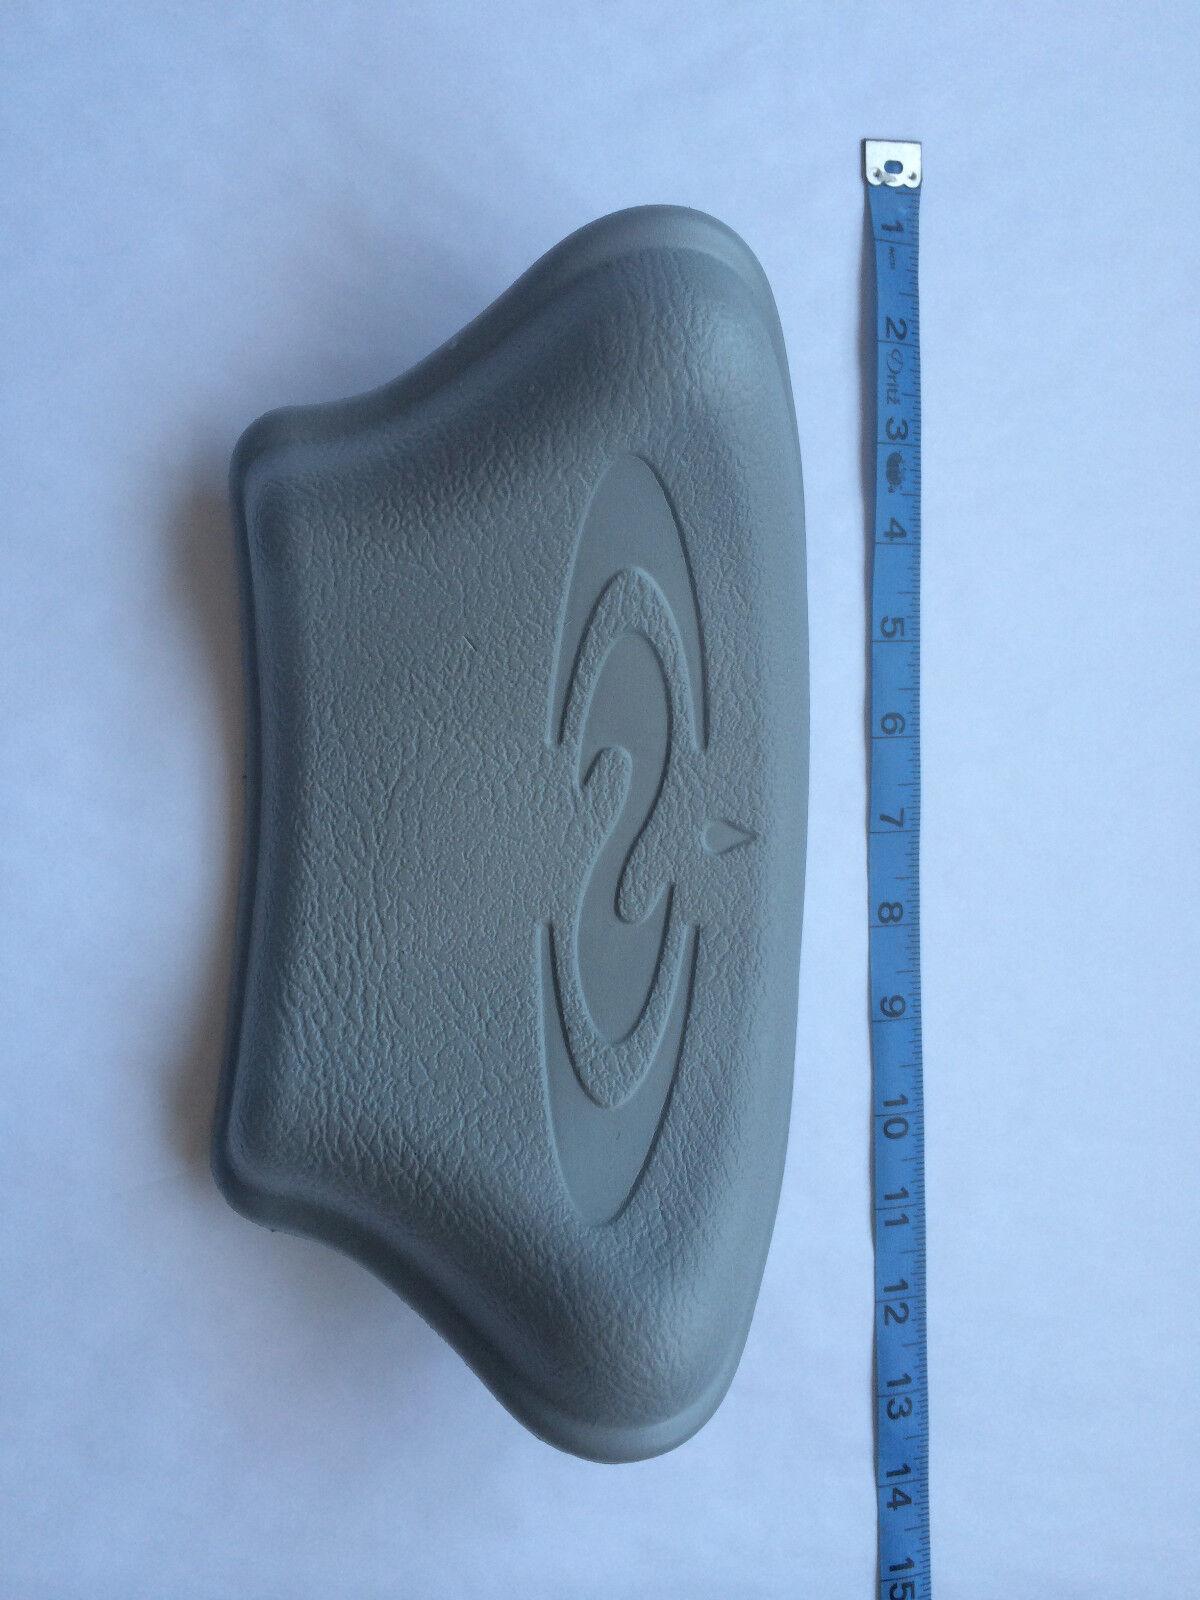 01510-593 Almohada de Dimension One curvada con el logotipo de D1 Paquete De Tres